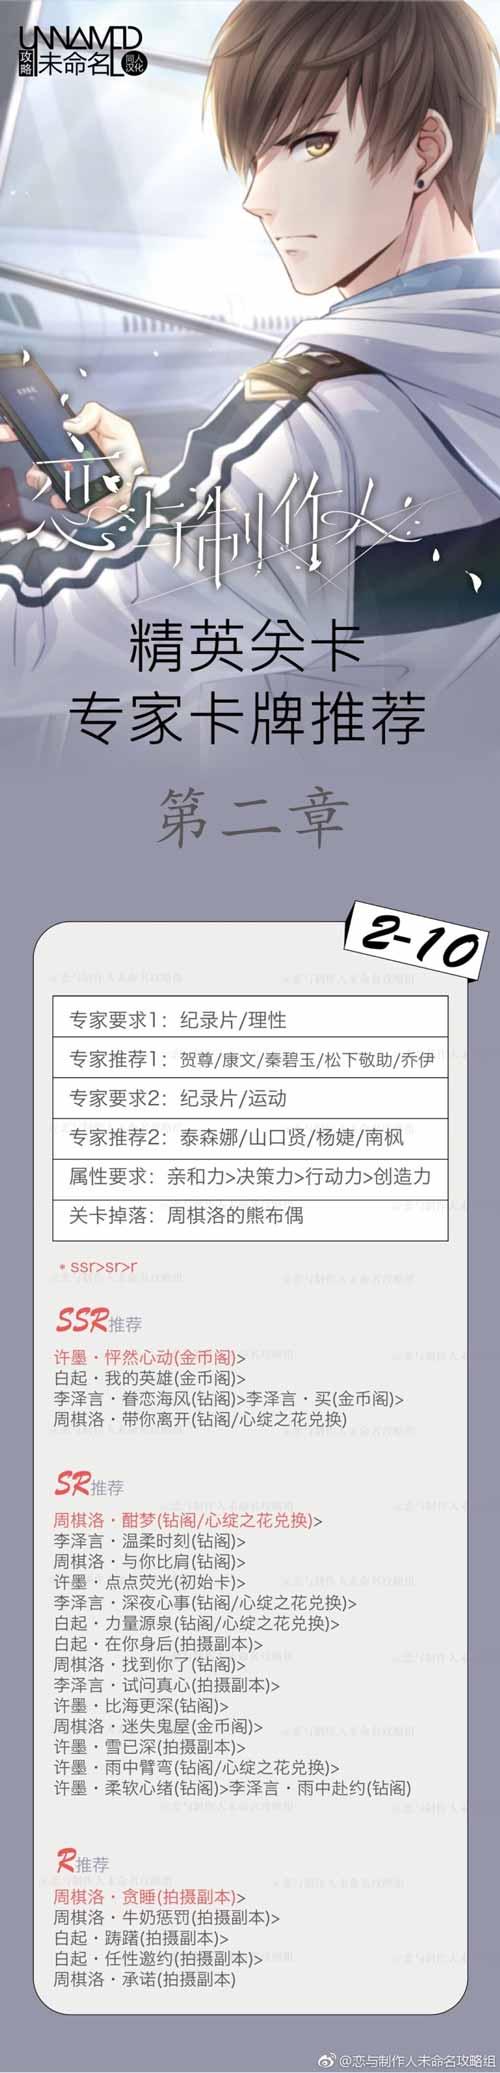 恋与制作人精英2-10关怎么过